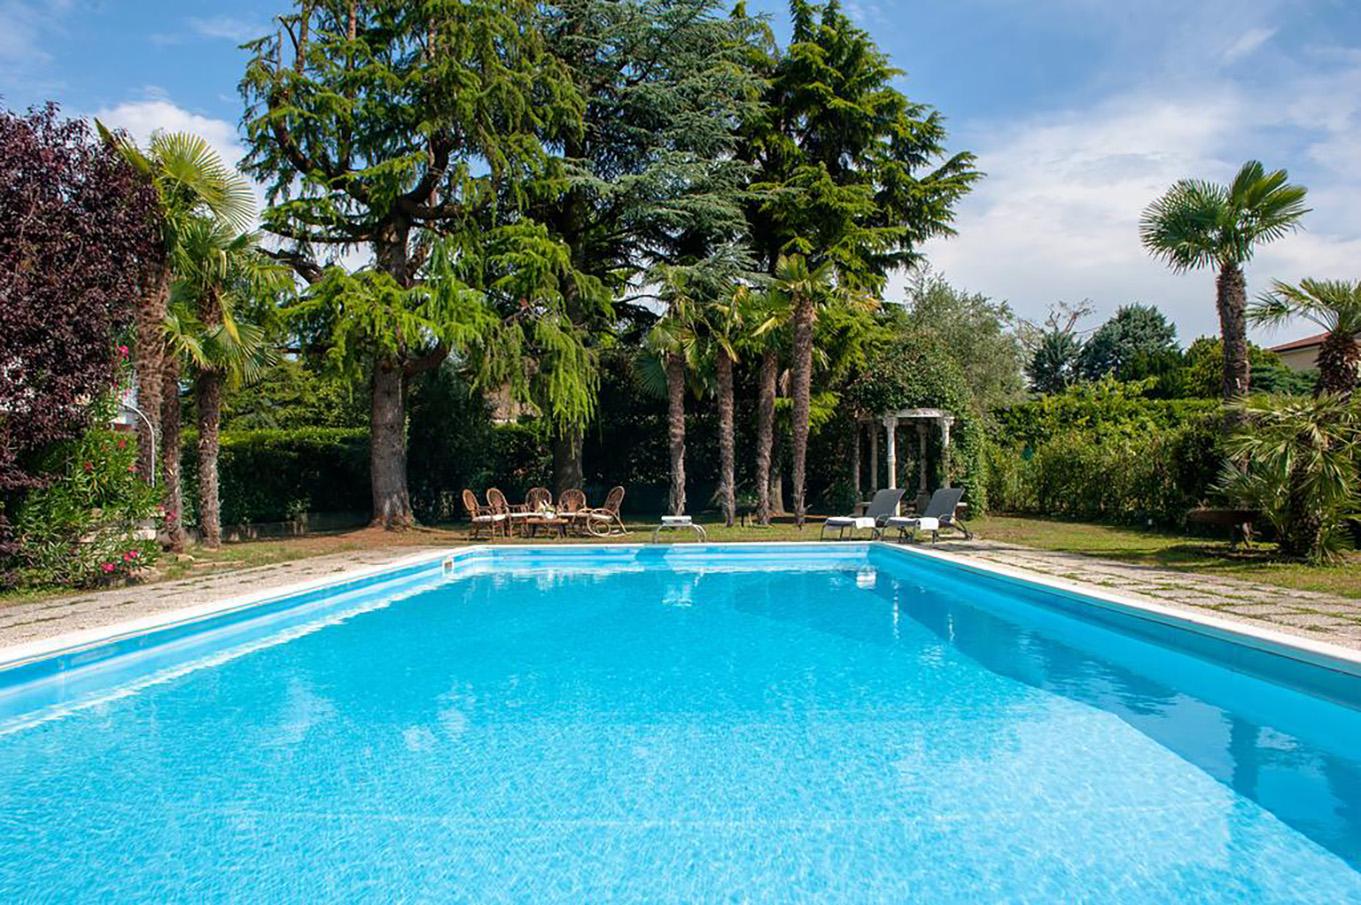 Villa enrico villa in affitto per vacanze a manerba del garda con piscina - Hotel manerba del garda con piscina ...